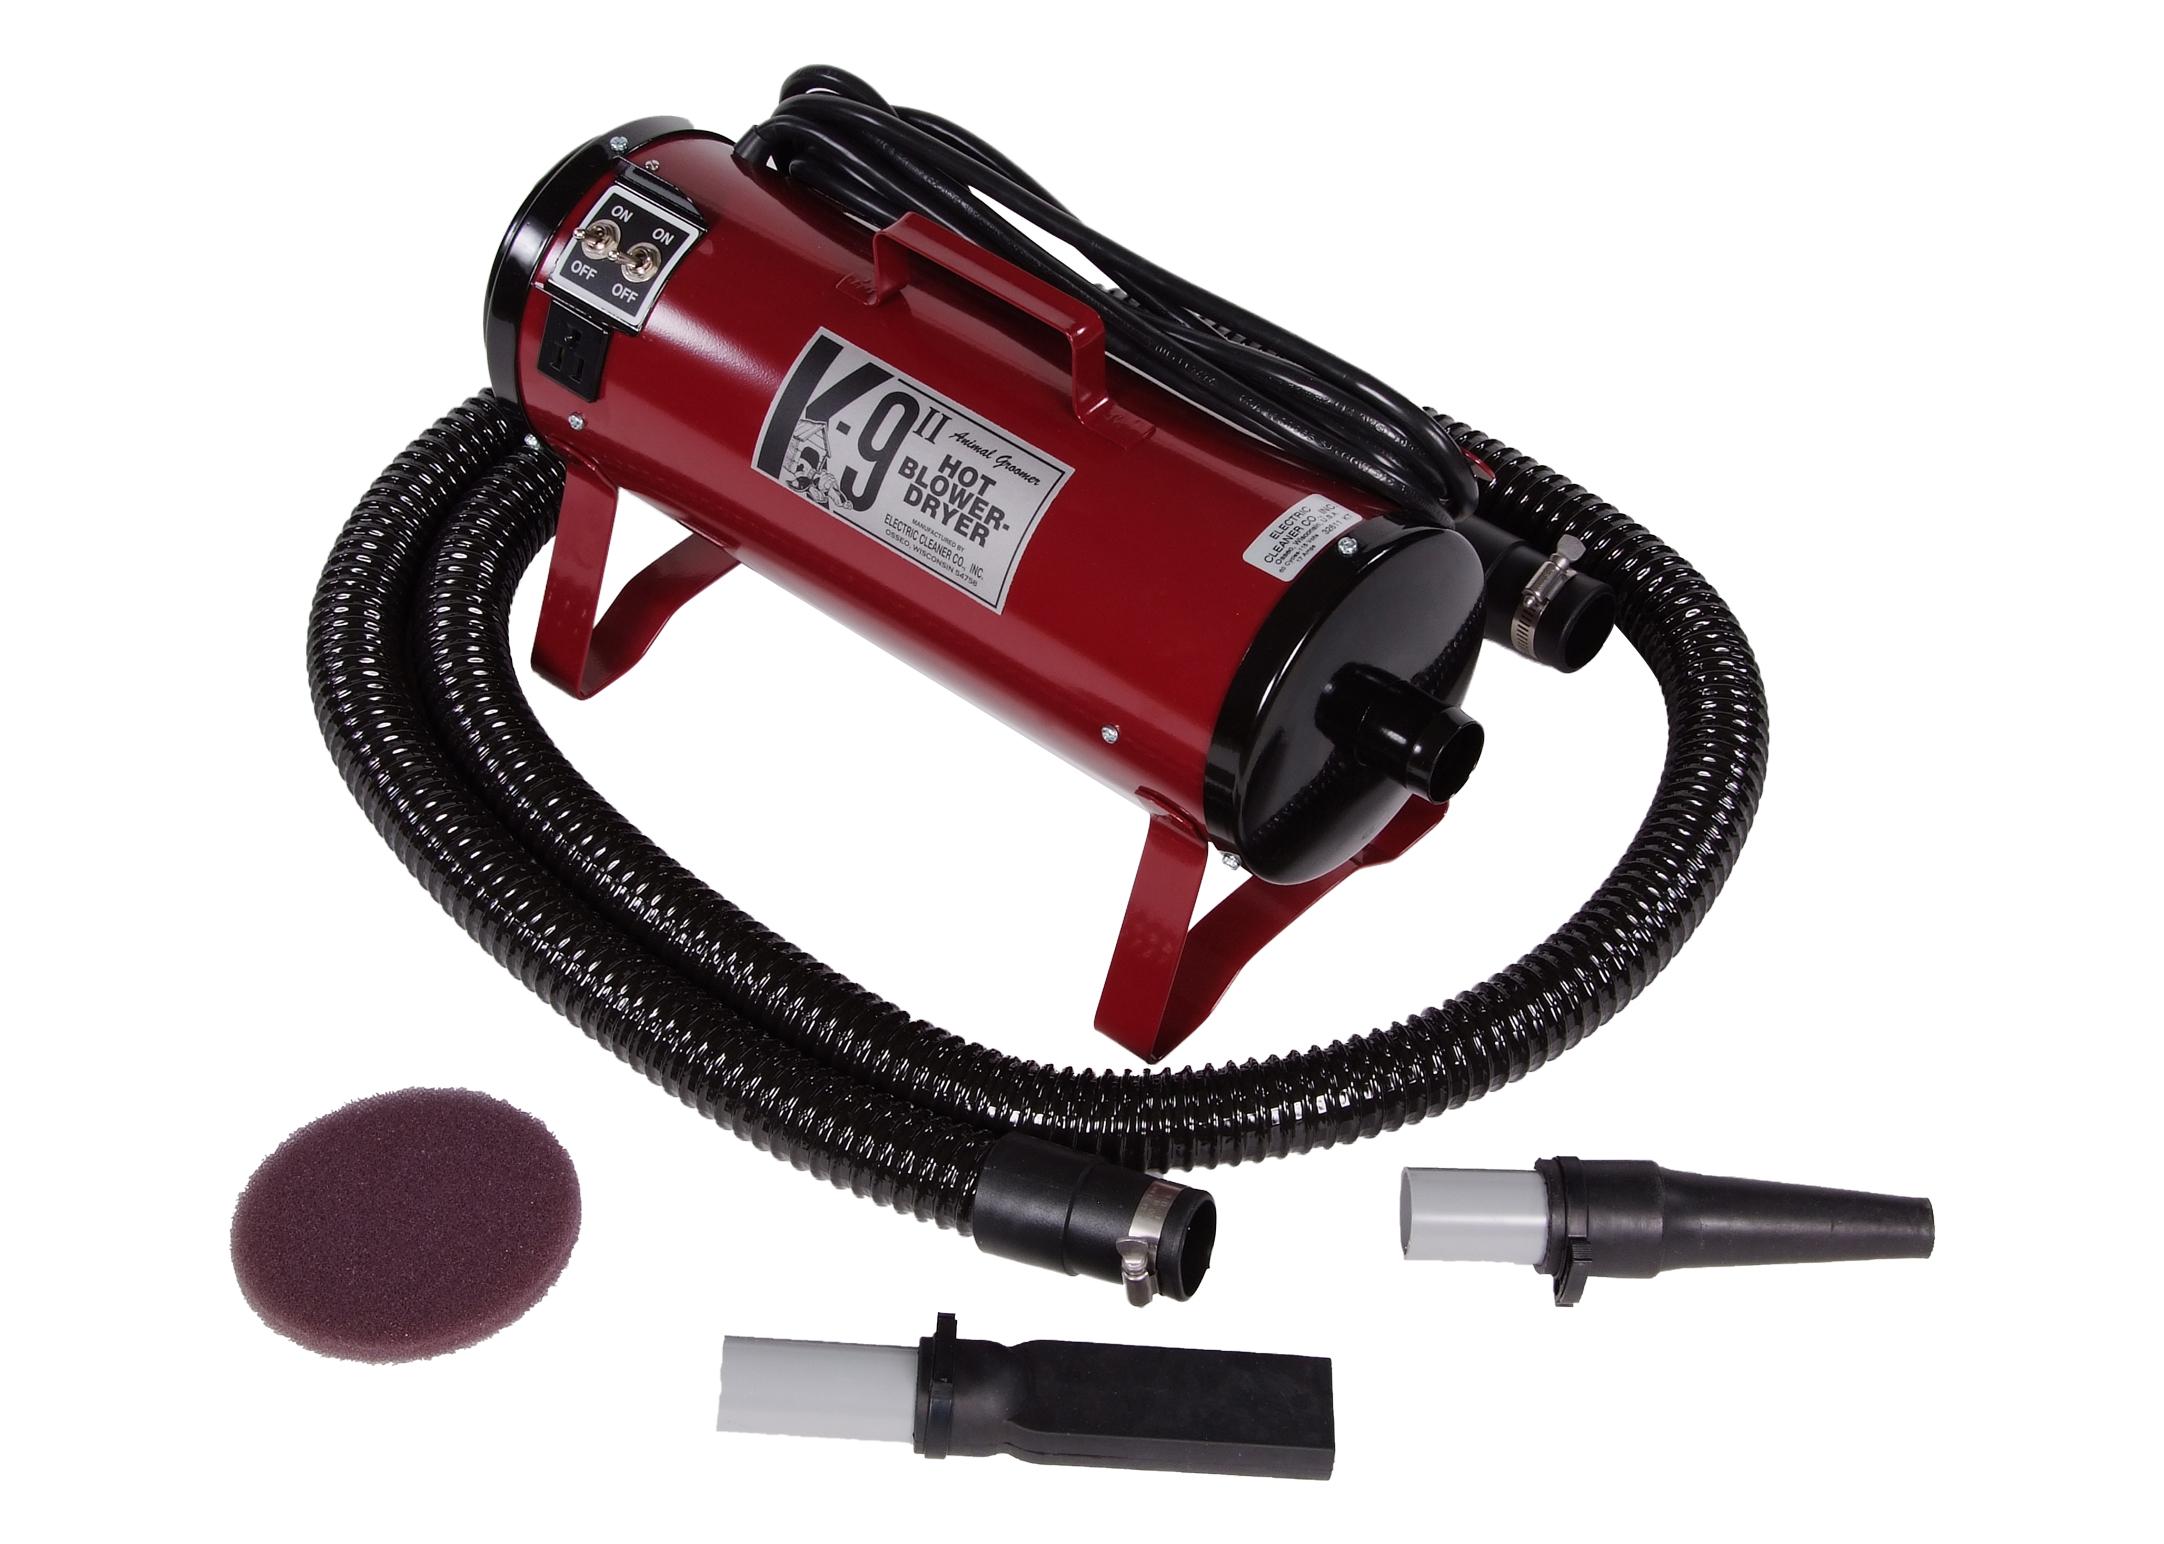 K9 Power Blaster II Hair Dryer Burgundy